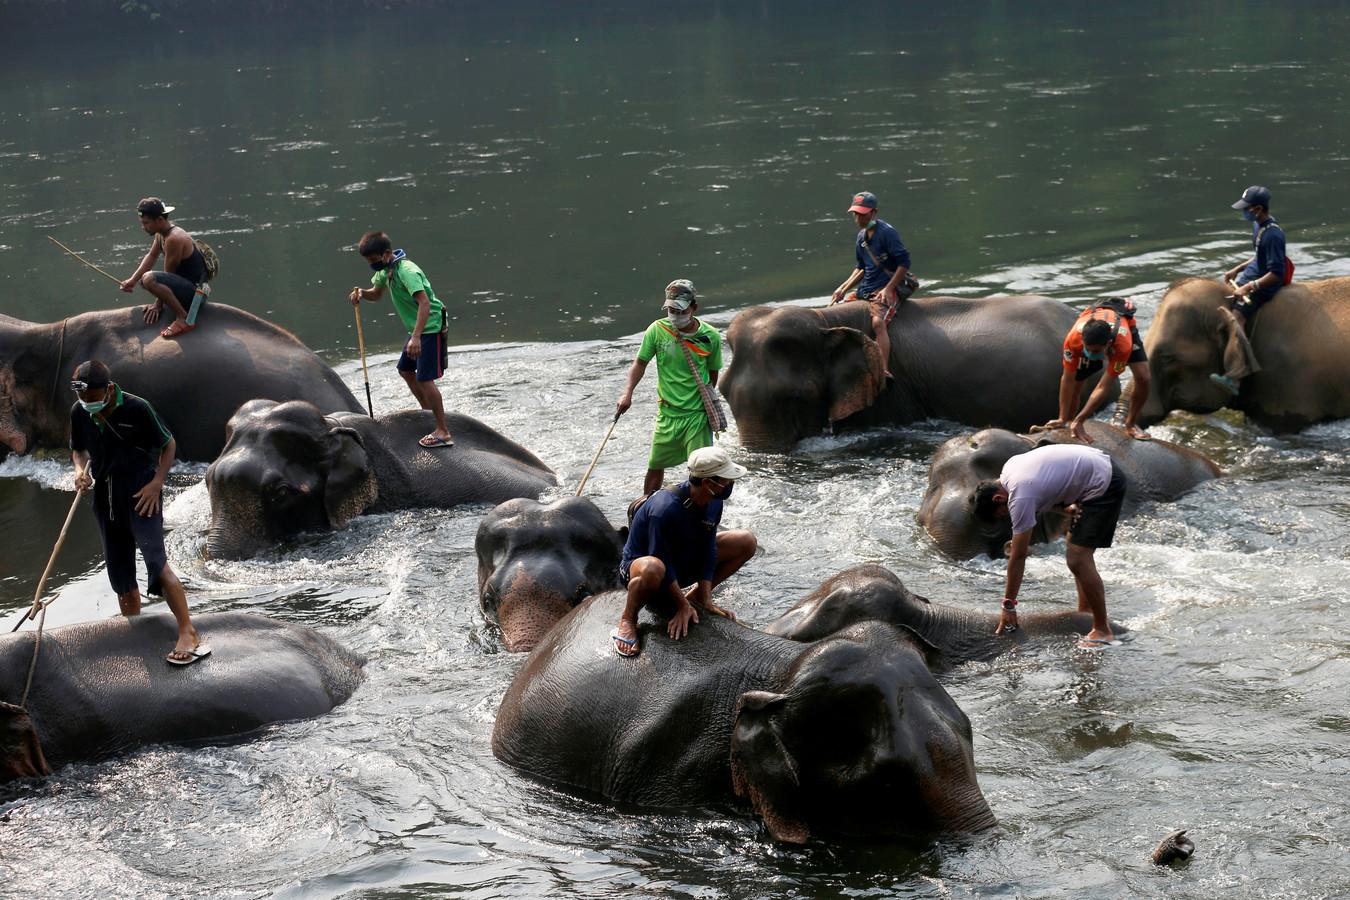 Olifanten in een olifantenkamp krijgen een bad.